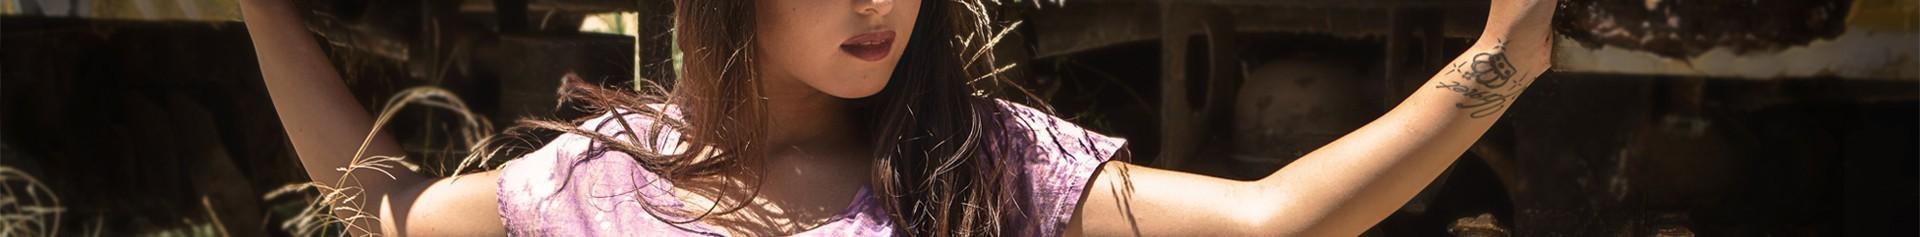 camisetas de mujer con lavados , tintes y impresiones muy especiales